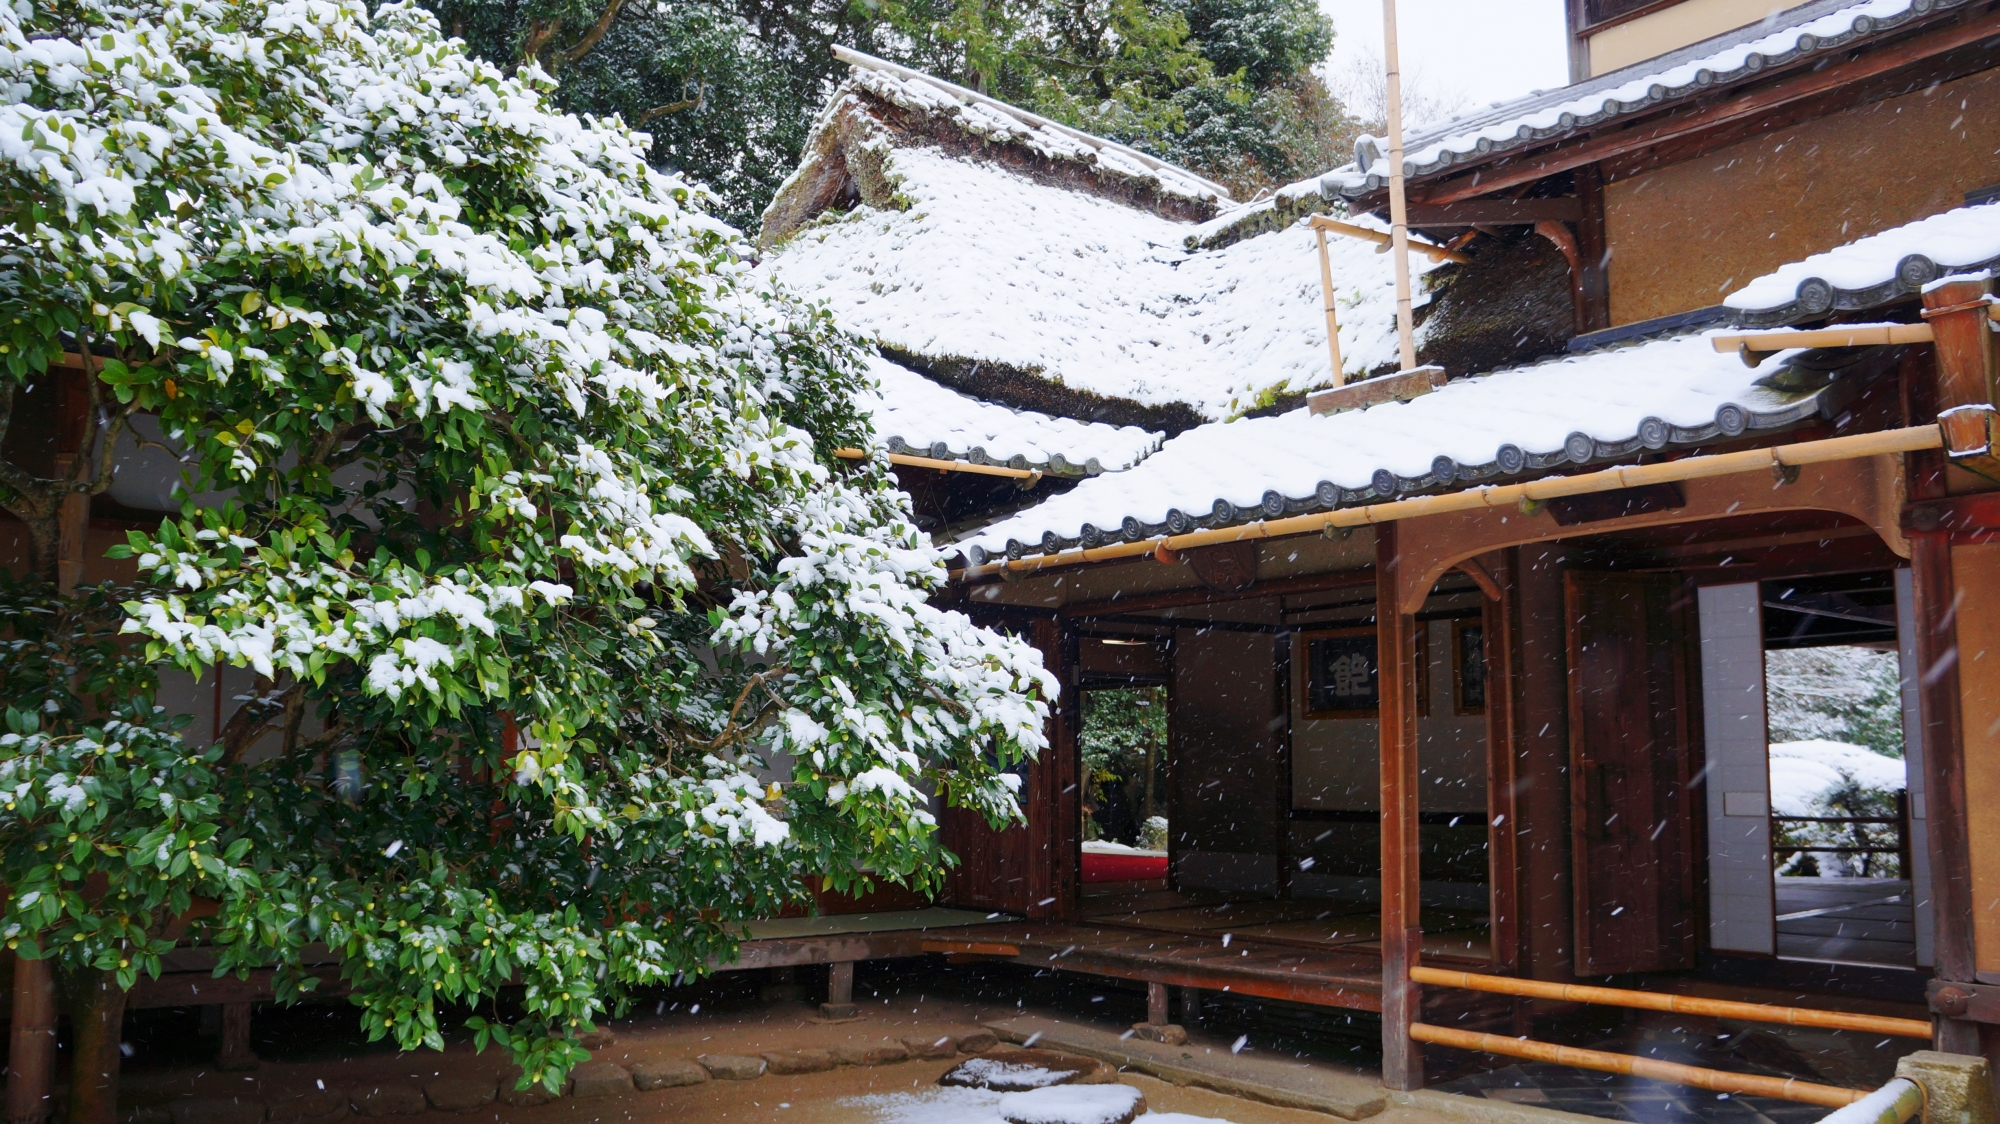 白くそまった建物と奥に見える庭園